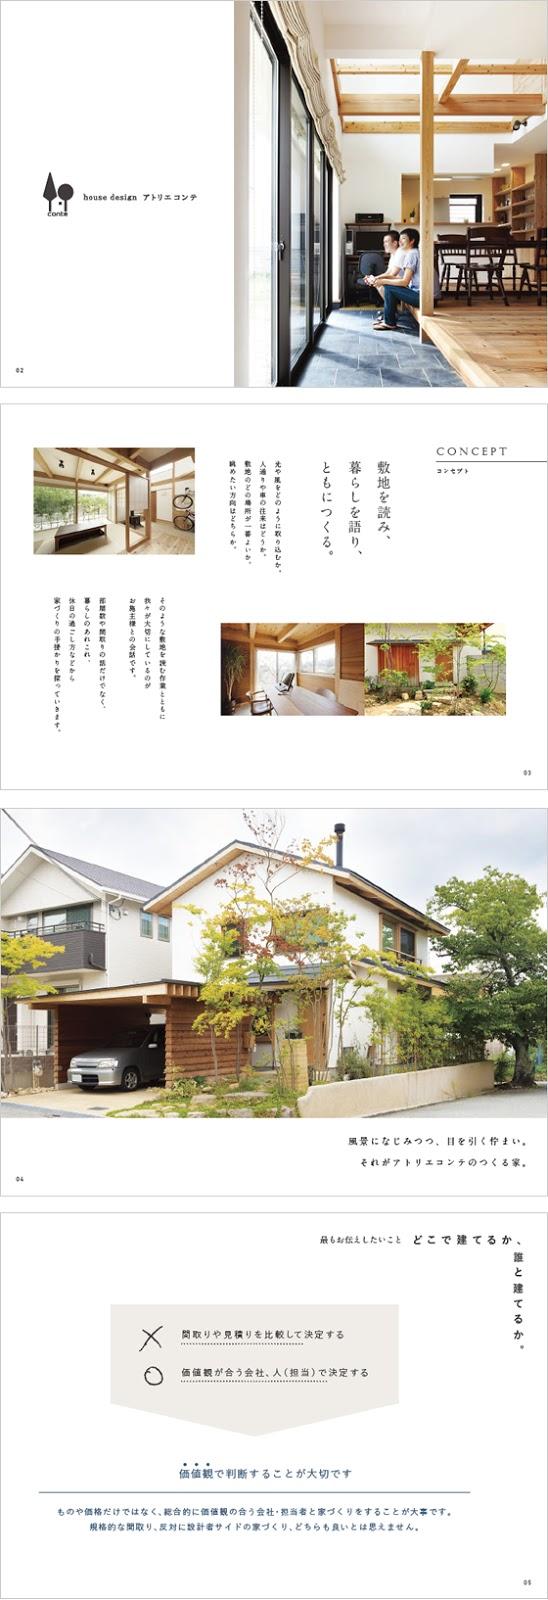 会社案内 B5ヨコ / 28ページ/リーフレット制作